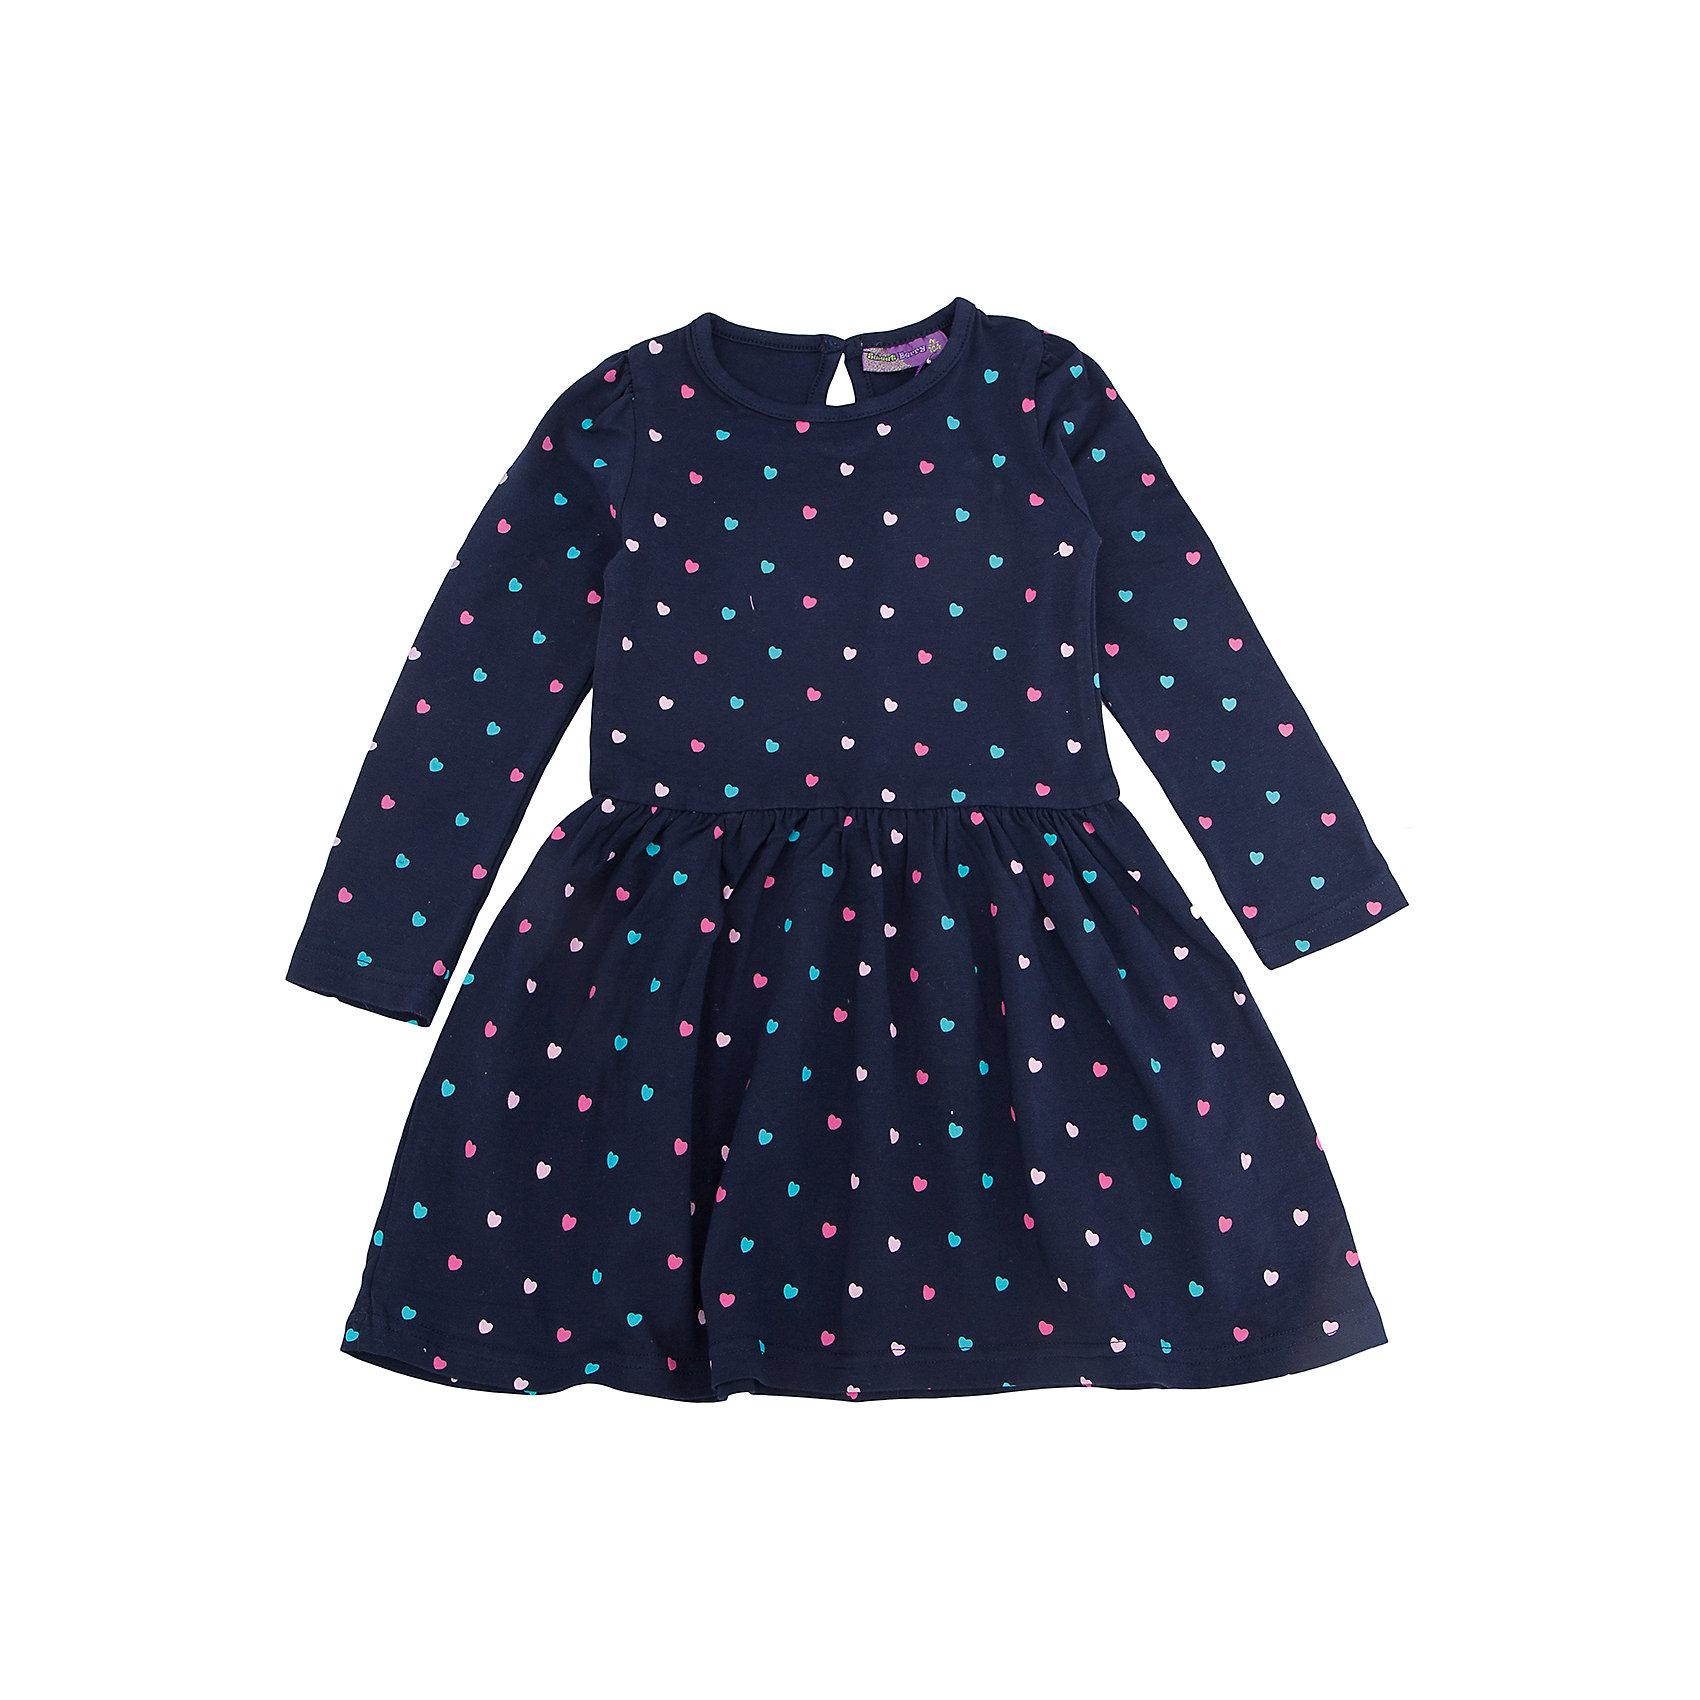 Платье для девочки Sweet BerryПлатье – та вещь, которая обязательно должна присутствовать в гардеробе каждой девочки. Нежное платье из новой коллекции фирмы Sweet Berry – романтичная модель для не менее романтичной девочки. Юбка у платья расклешена и имеет сборку в уровне шва. На всем платье присутствует принт «сердечко». Цвет платья сочетается практически с любыми вещами и позволяет создать множество стильных образов. Материалы, использованные при изготовлении одежды, полностью безопасны для детей и отвечают всем требованиям по качеству продукции данной категории.<br><br>Дополнительная информация: <br><br>расклешенная юбка;<br>принт «сердечко»;<br>цвет: темно-синий;<br>материал: хлопок 95%, эластан 5%.<br><br>Платье для девочки от компании Sweet Berry можно приобрести в нашем магазине.<br><br>Ширина мм: 236<br>Глубина мм: 16<br>Высота мм: 184<br>Вес г: 177<br>Цвет: синий<br>Возраст от месяцев: 24<br>Возраст до месяцев: 36<br>Пол: Женский<br>Возраст: Детский<br>Размер: 98,104,128,122,116,110<br>SKU: 4932049